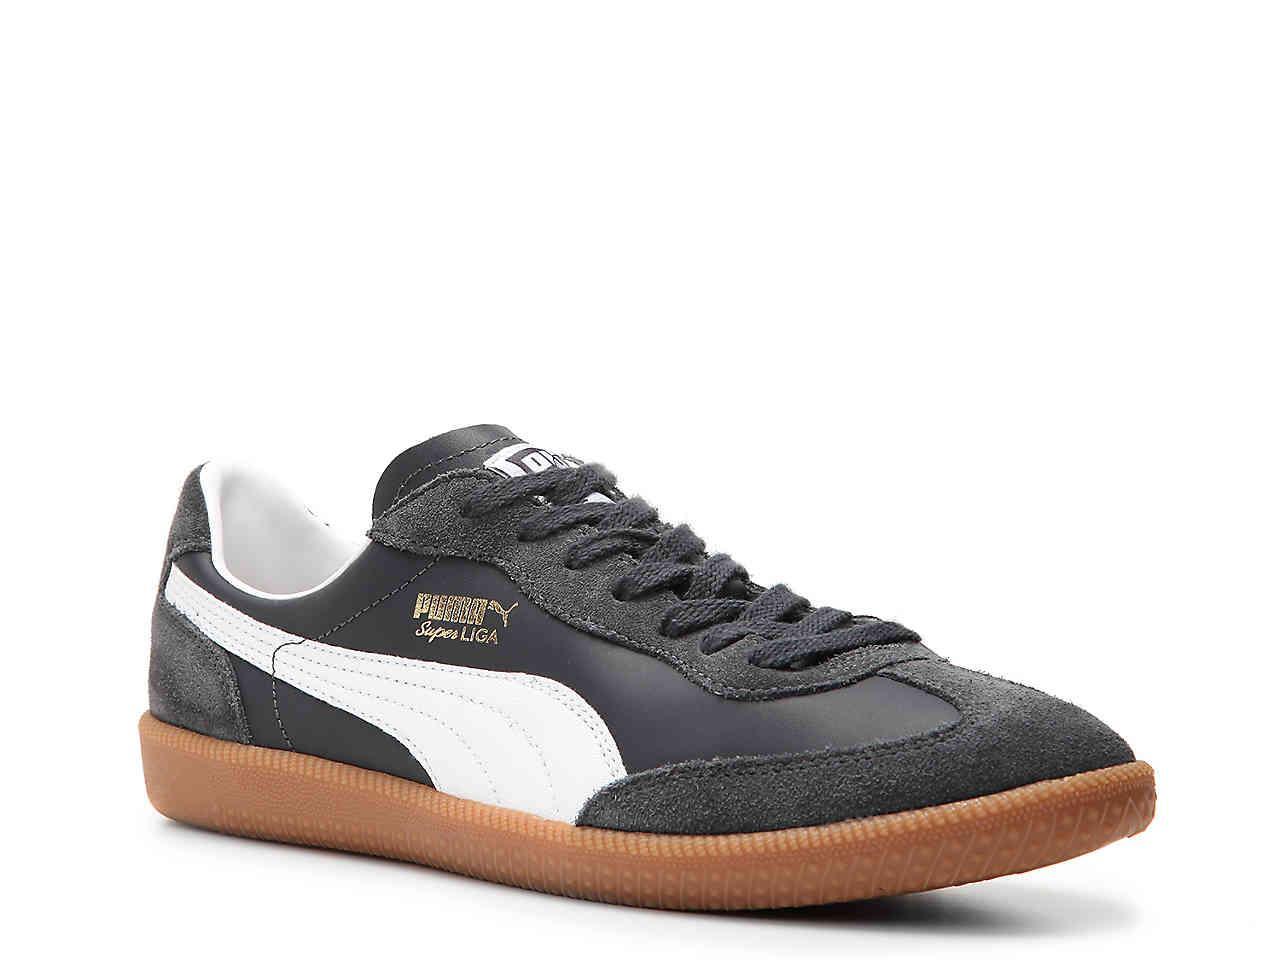 Men's Blue Super Liga Og Retro Leather Sneaker